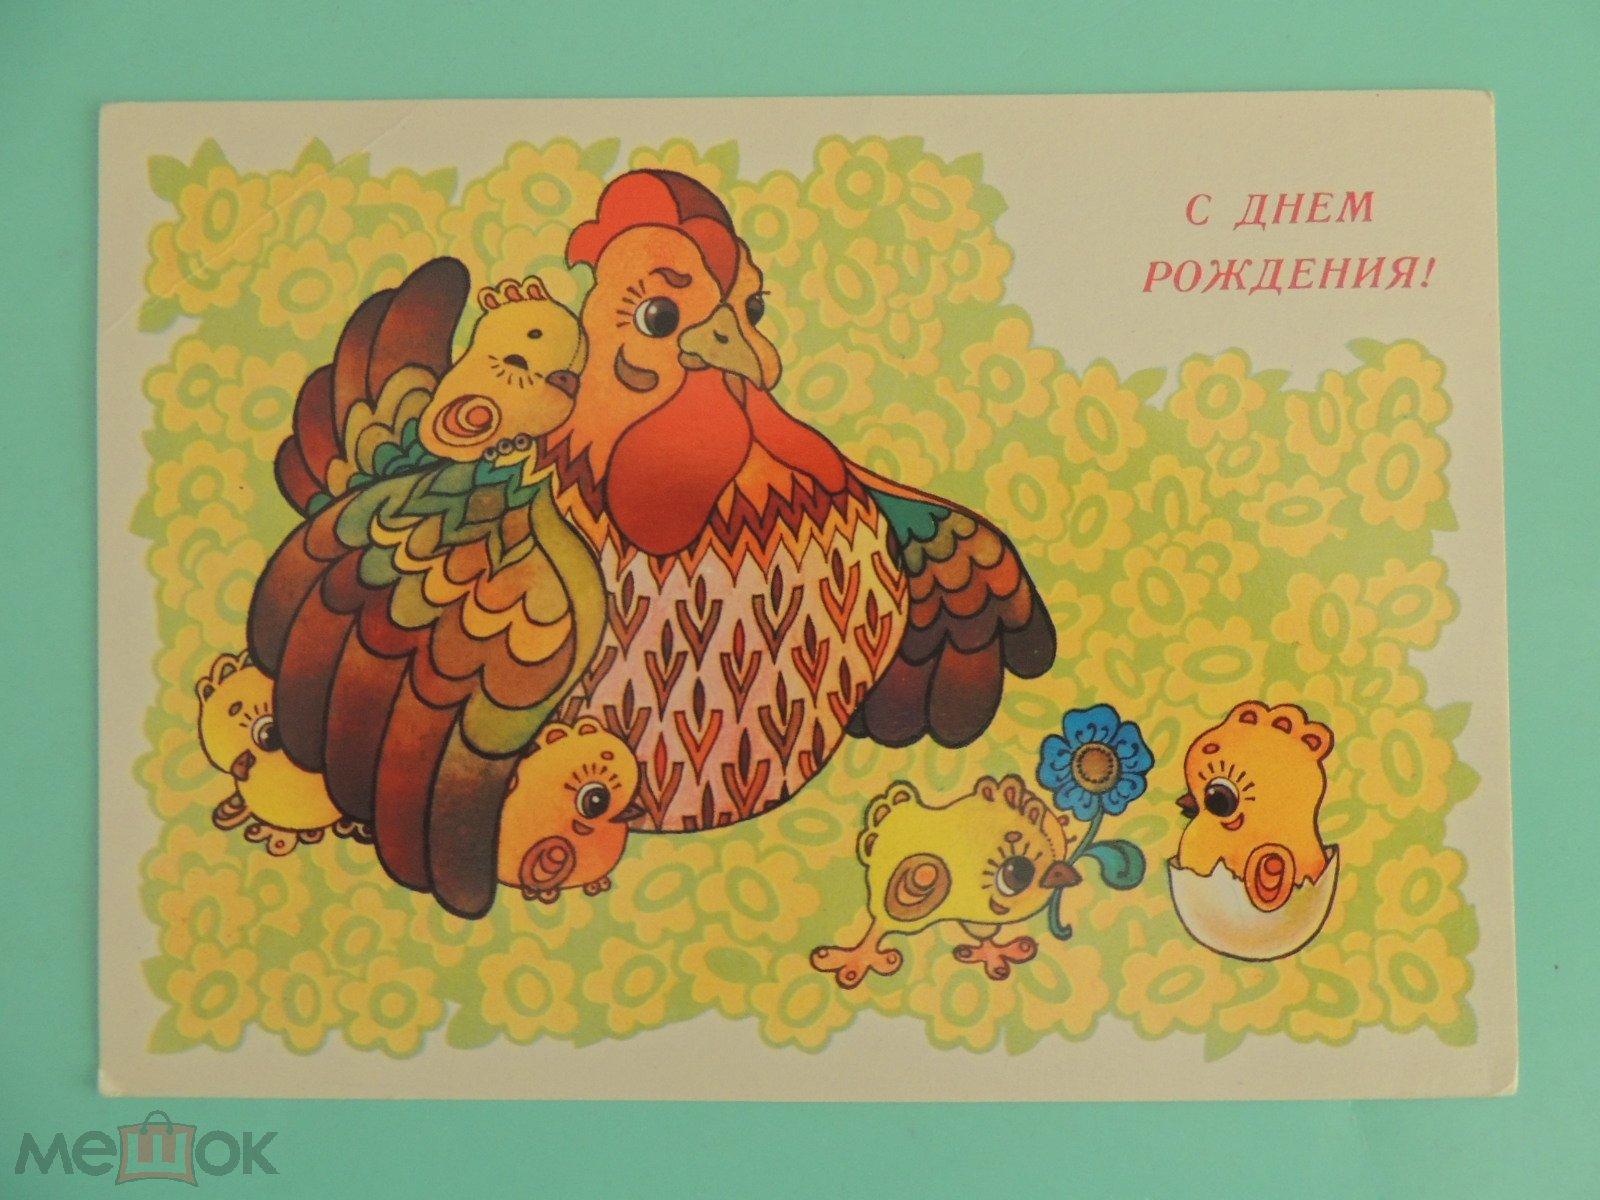 С днем рождения по литовски открытка, для молодожен